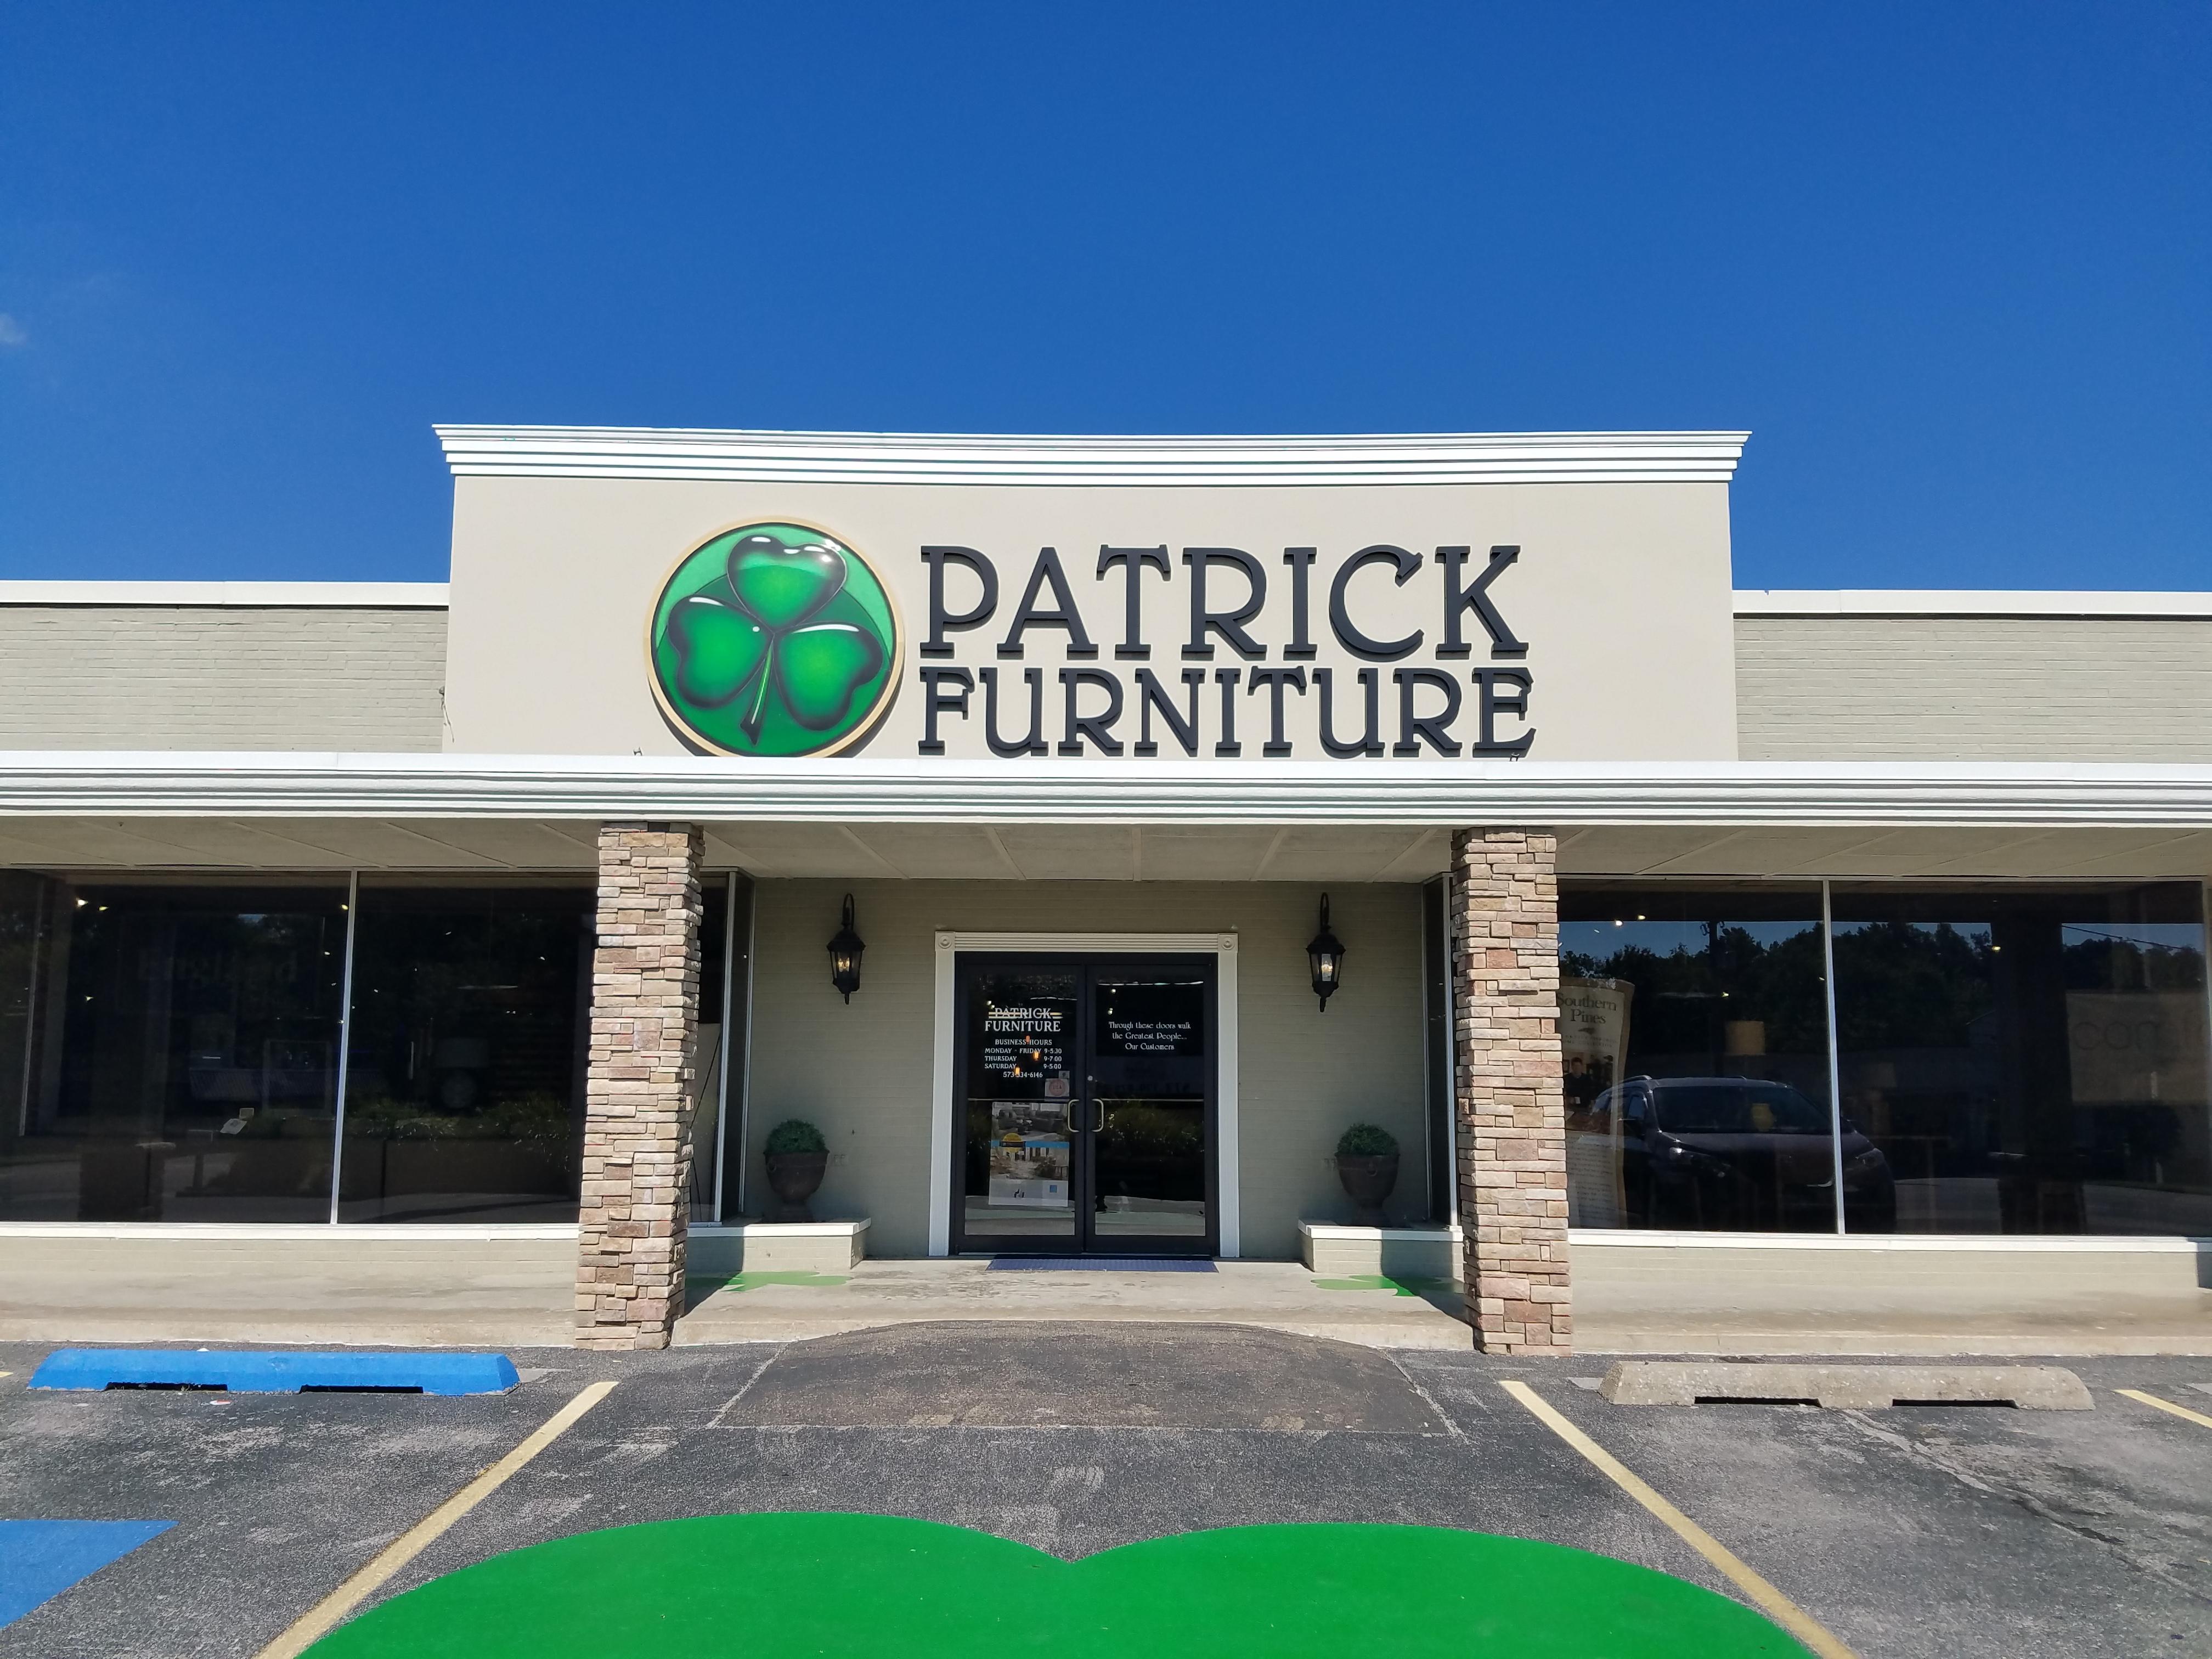 Genial Patrick Furniture In Cape Girardeau Mo 63701